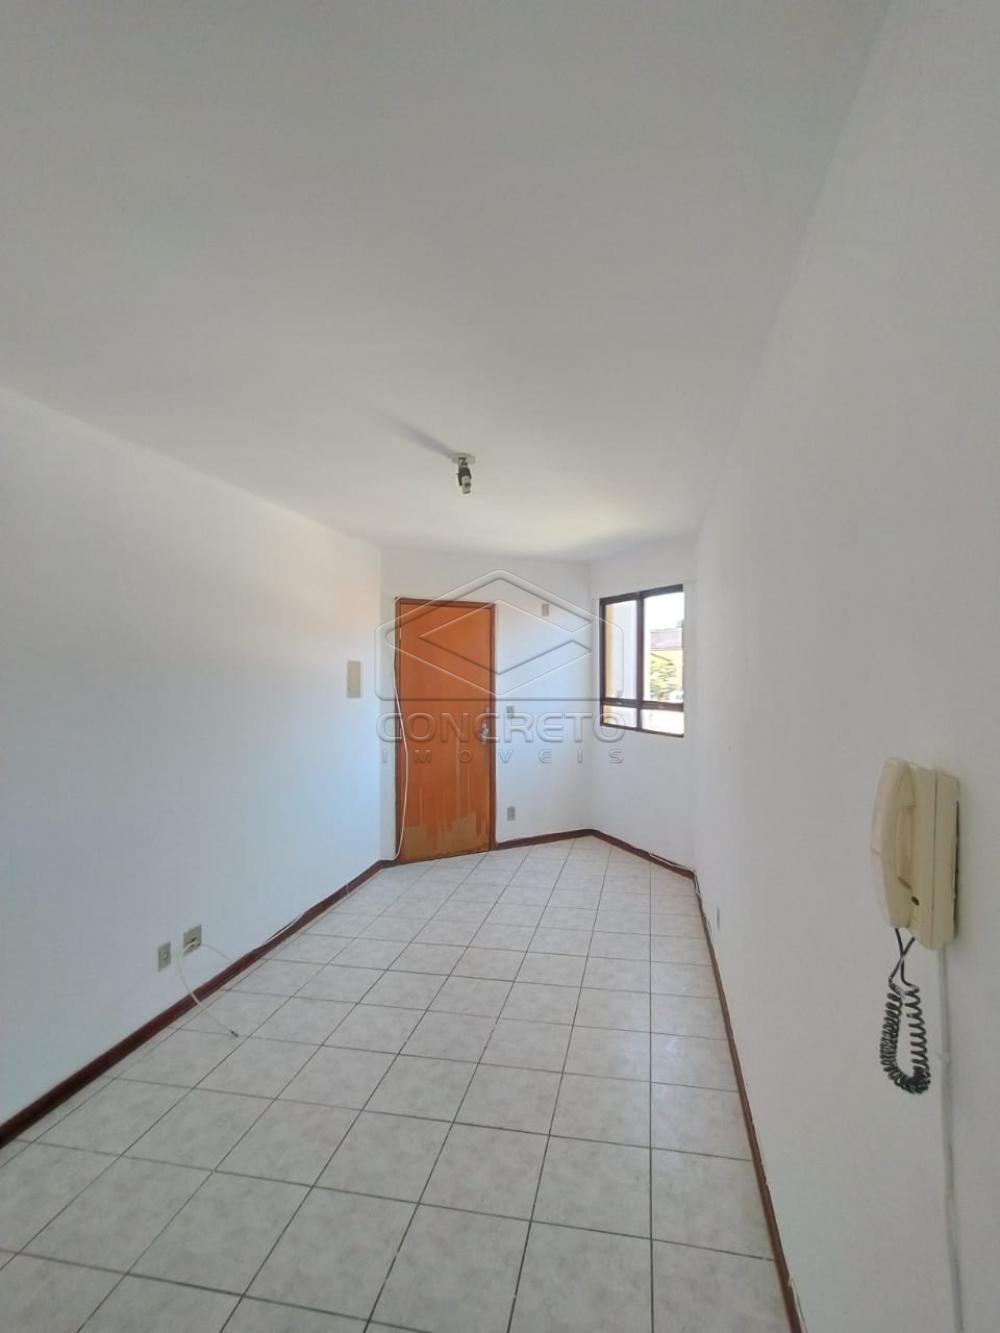 Alugar Apartamento / Padrão em Bauru R$ 700,00 - Foto 8